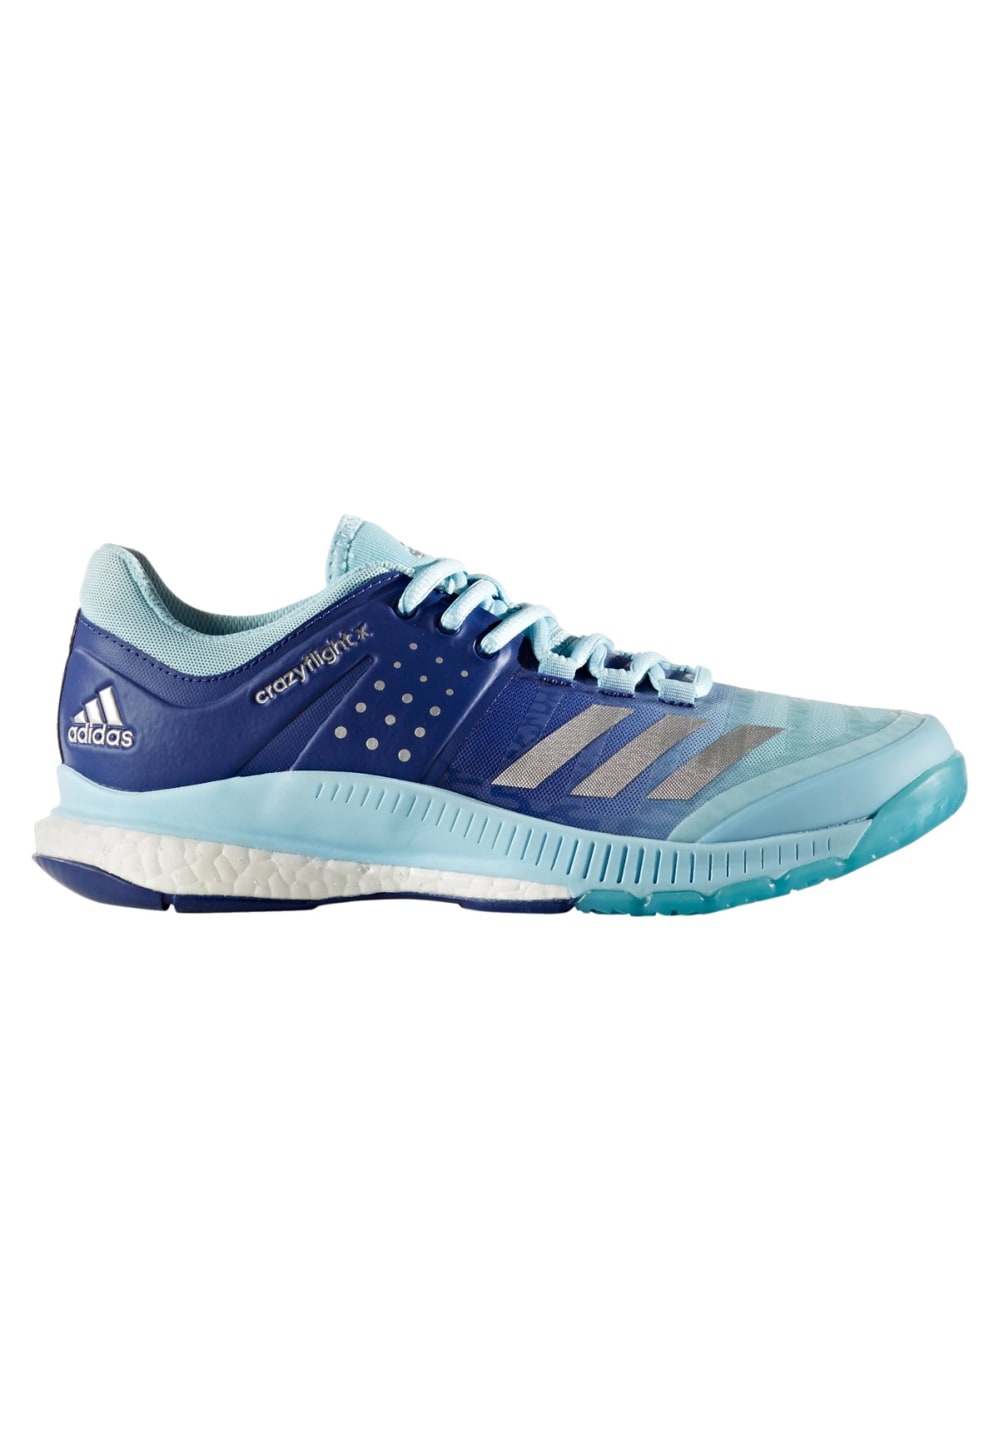 adidas Crazyflight X - Volleyballschuhe für Damen - Blau